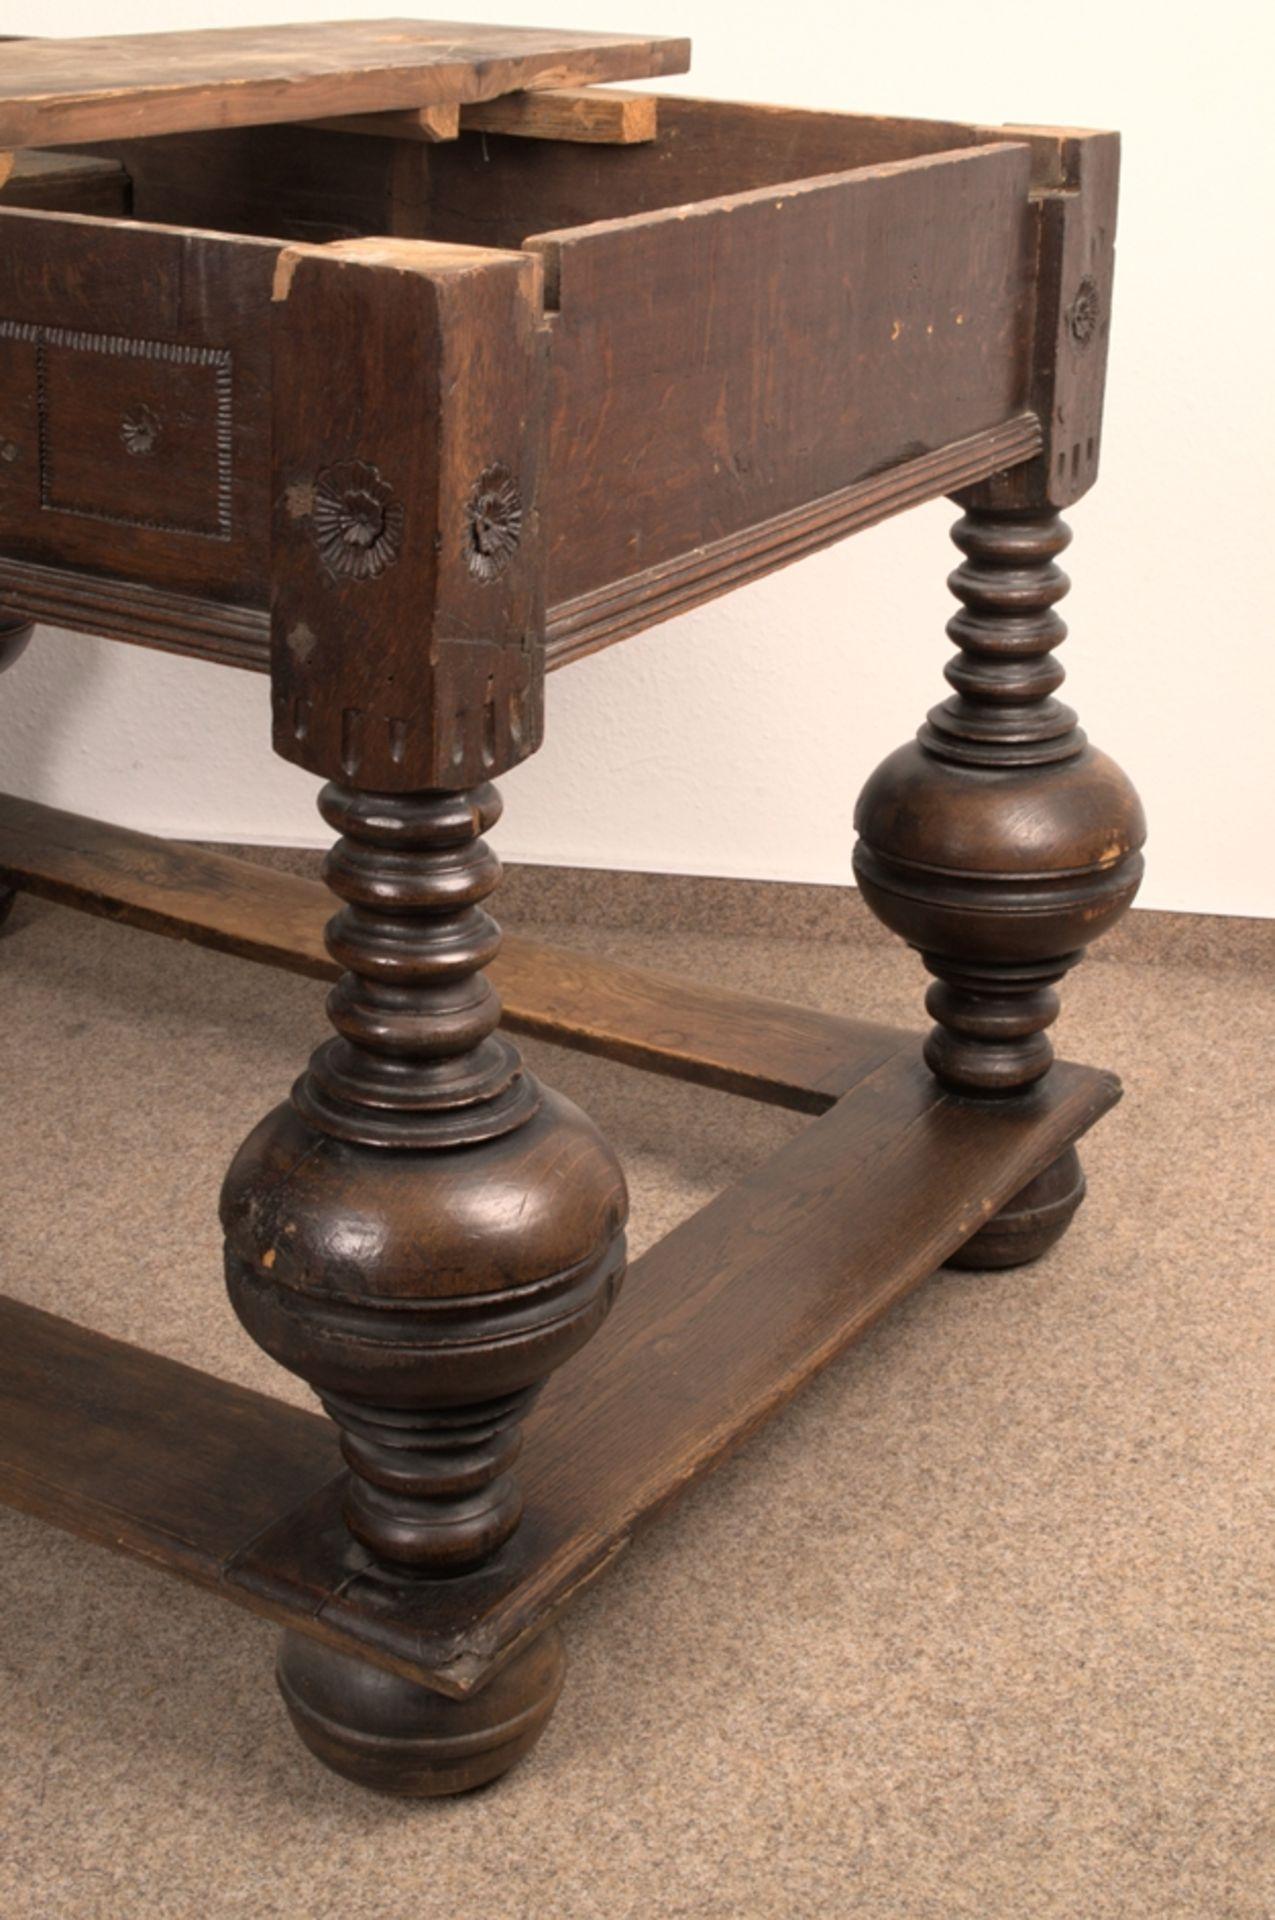 Großer Auszugstisch, Franken um 1730/50. Querverstrebter Tischunterbau mit kräftigen Balusterbeinen, - Bild 4 aus 36